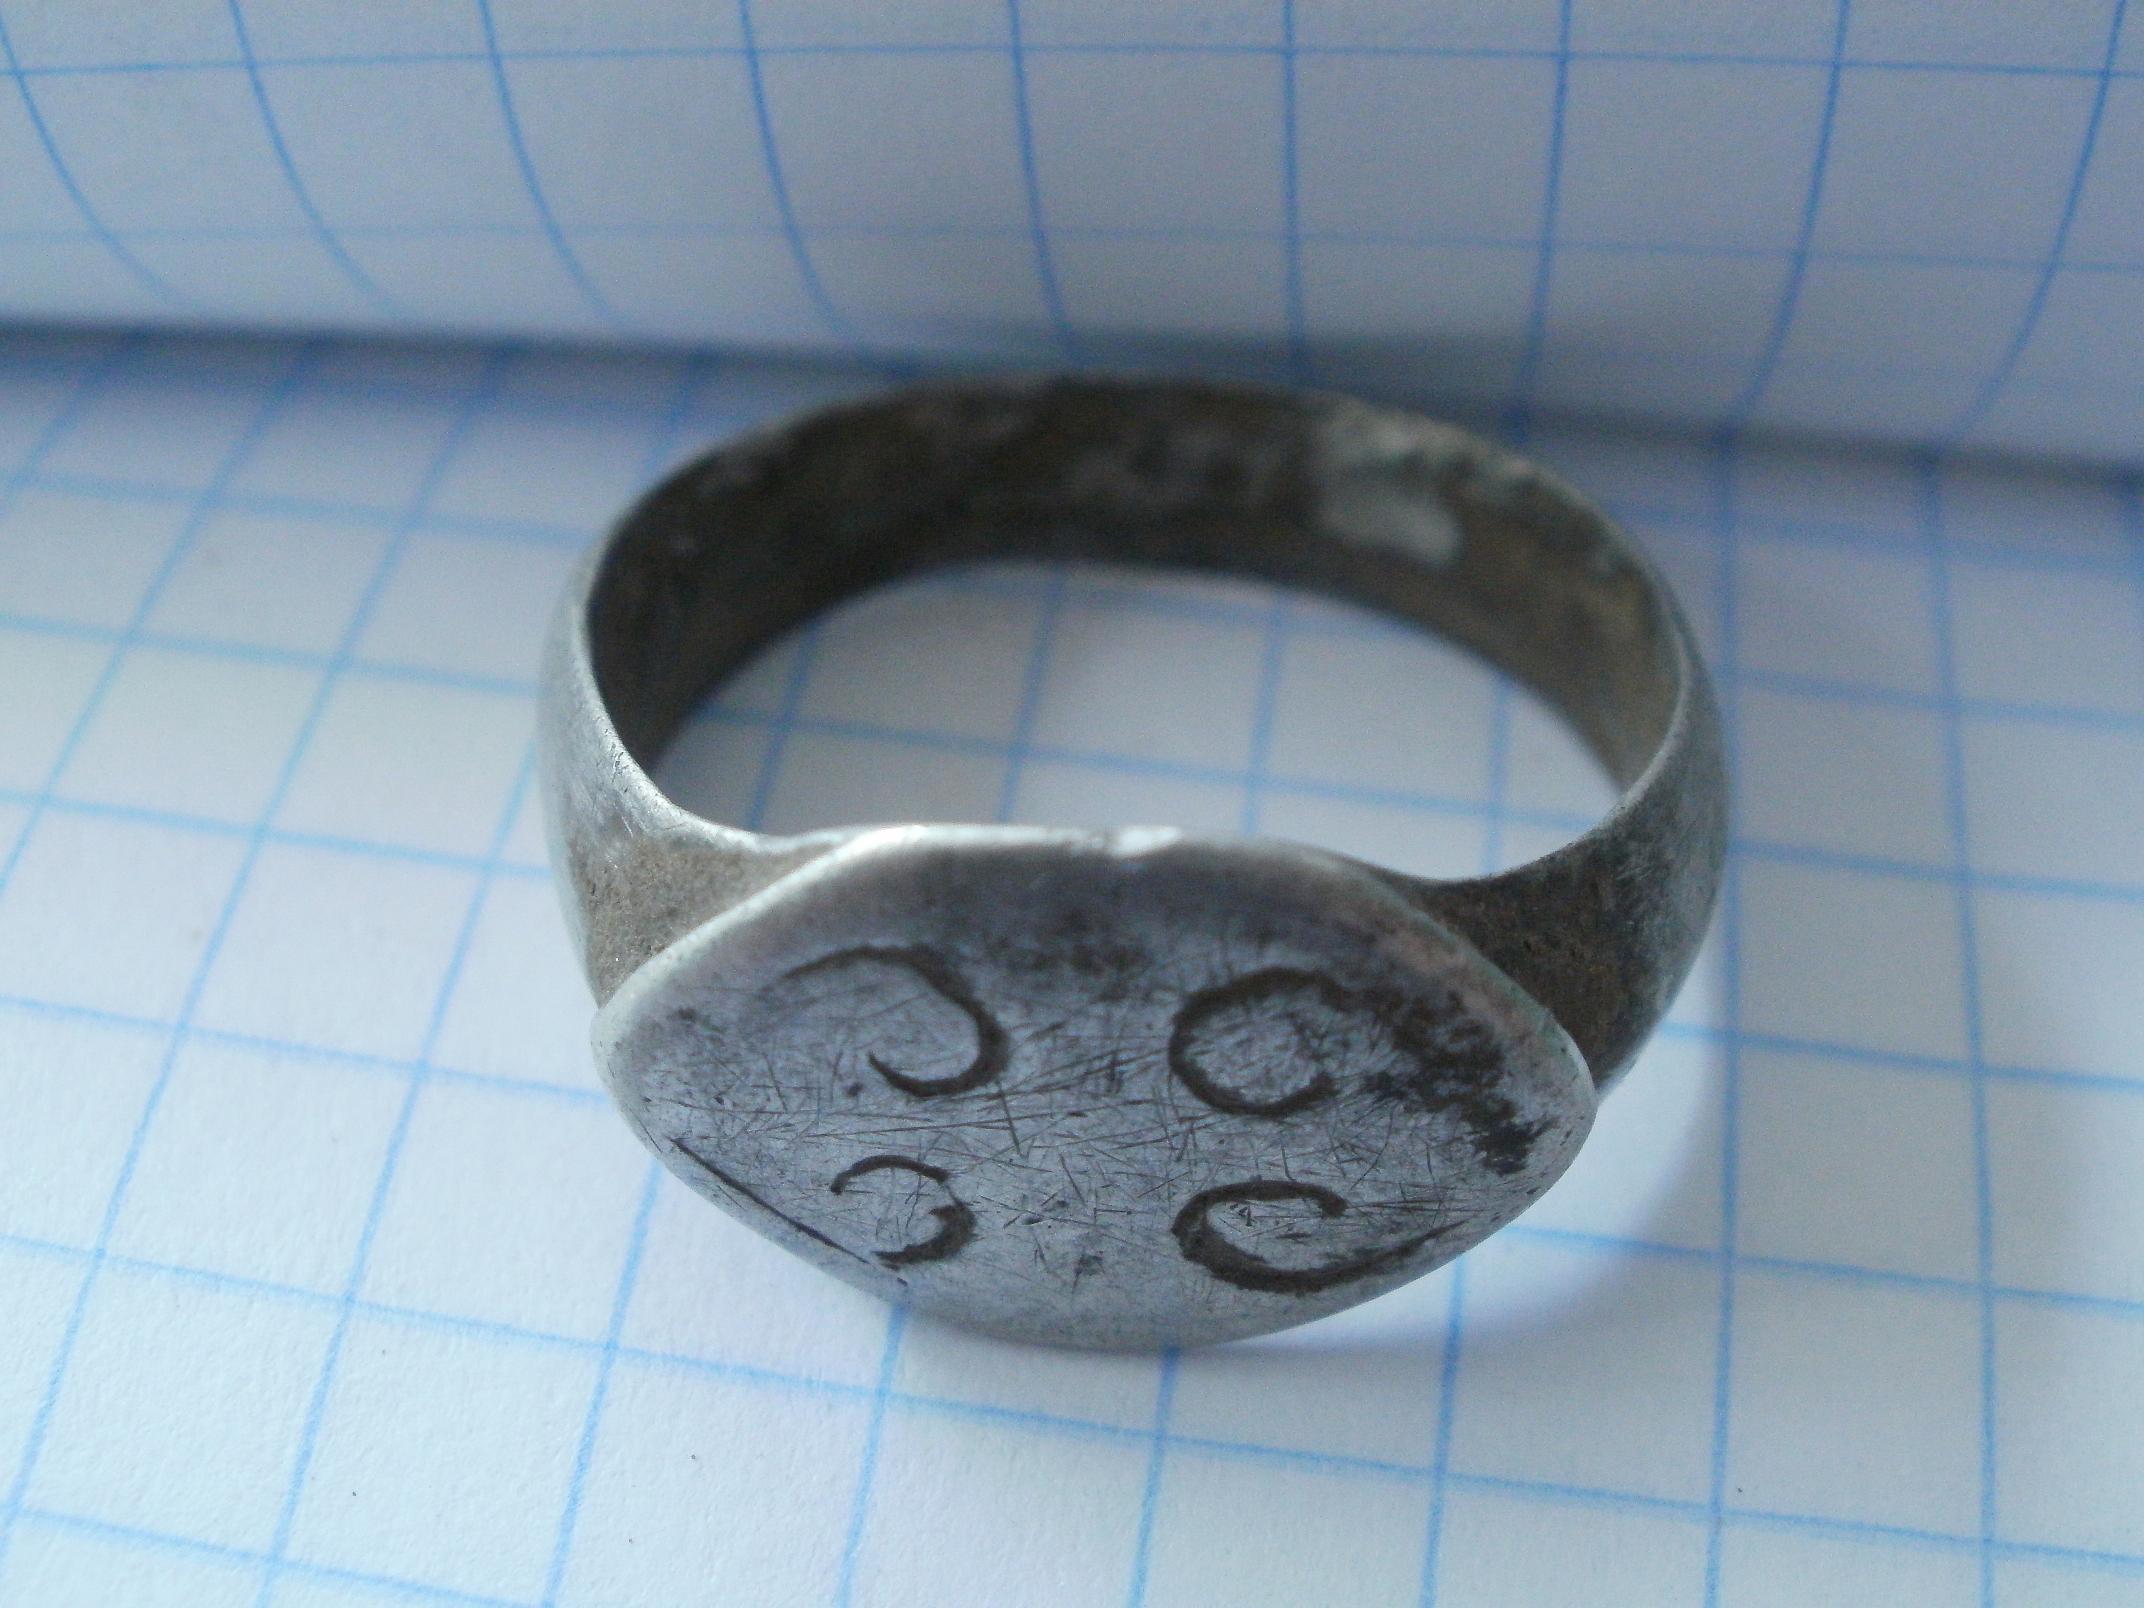 кольцо поздняя русь 12-14 век показывает среднее количество